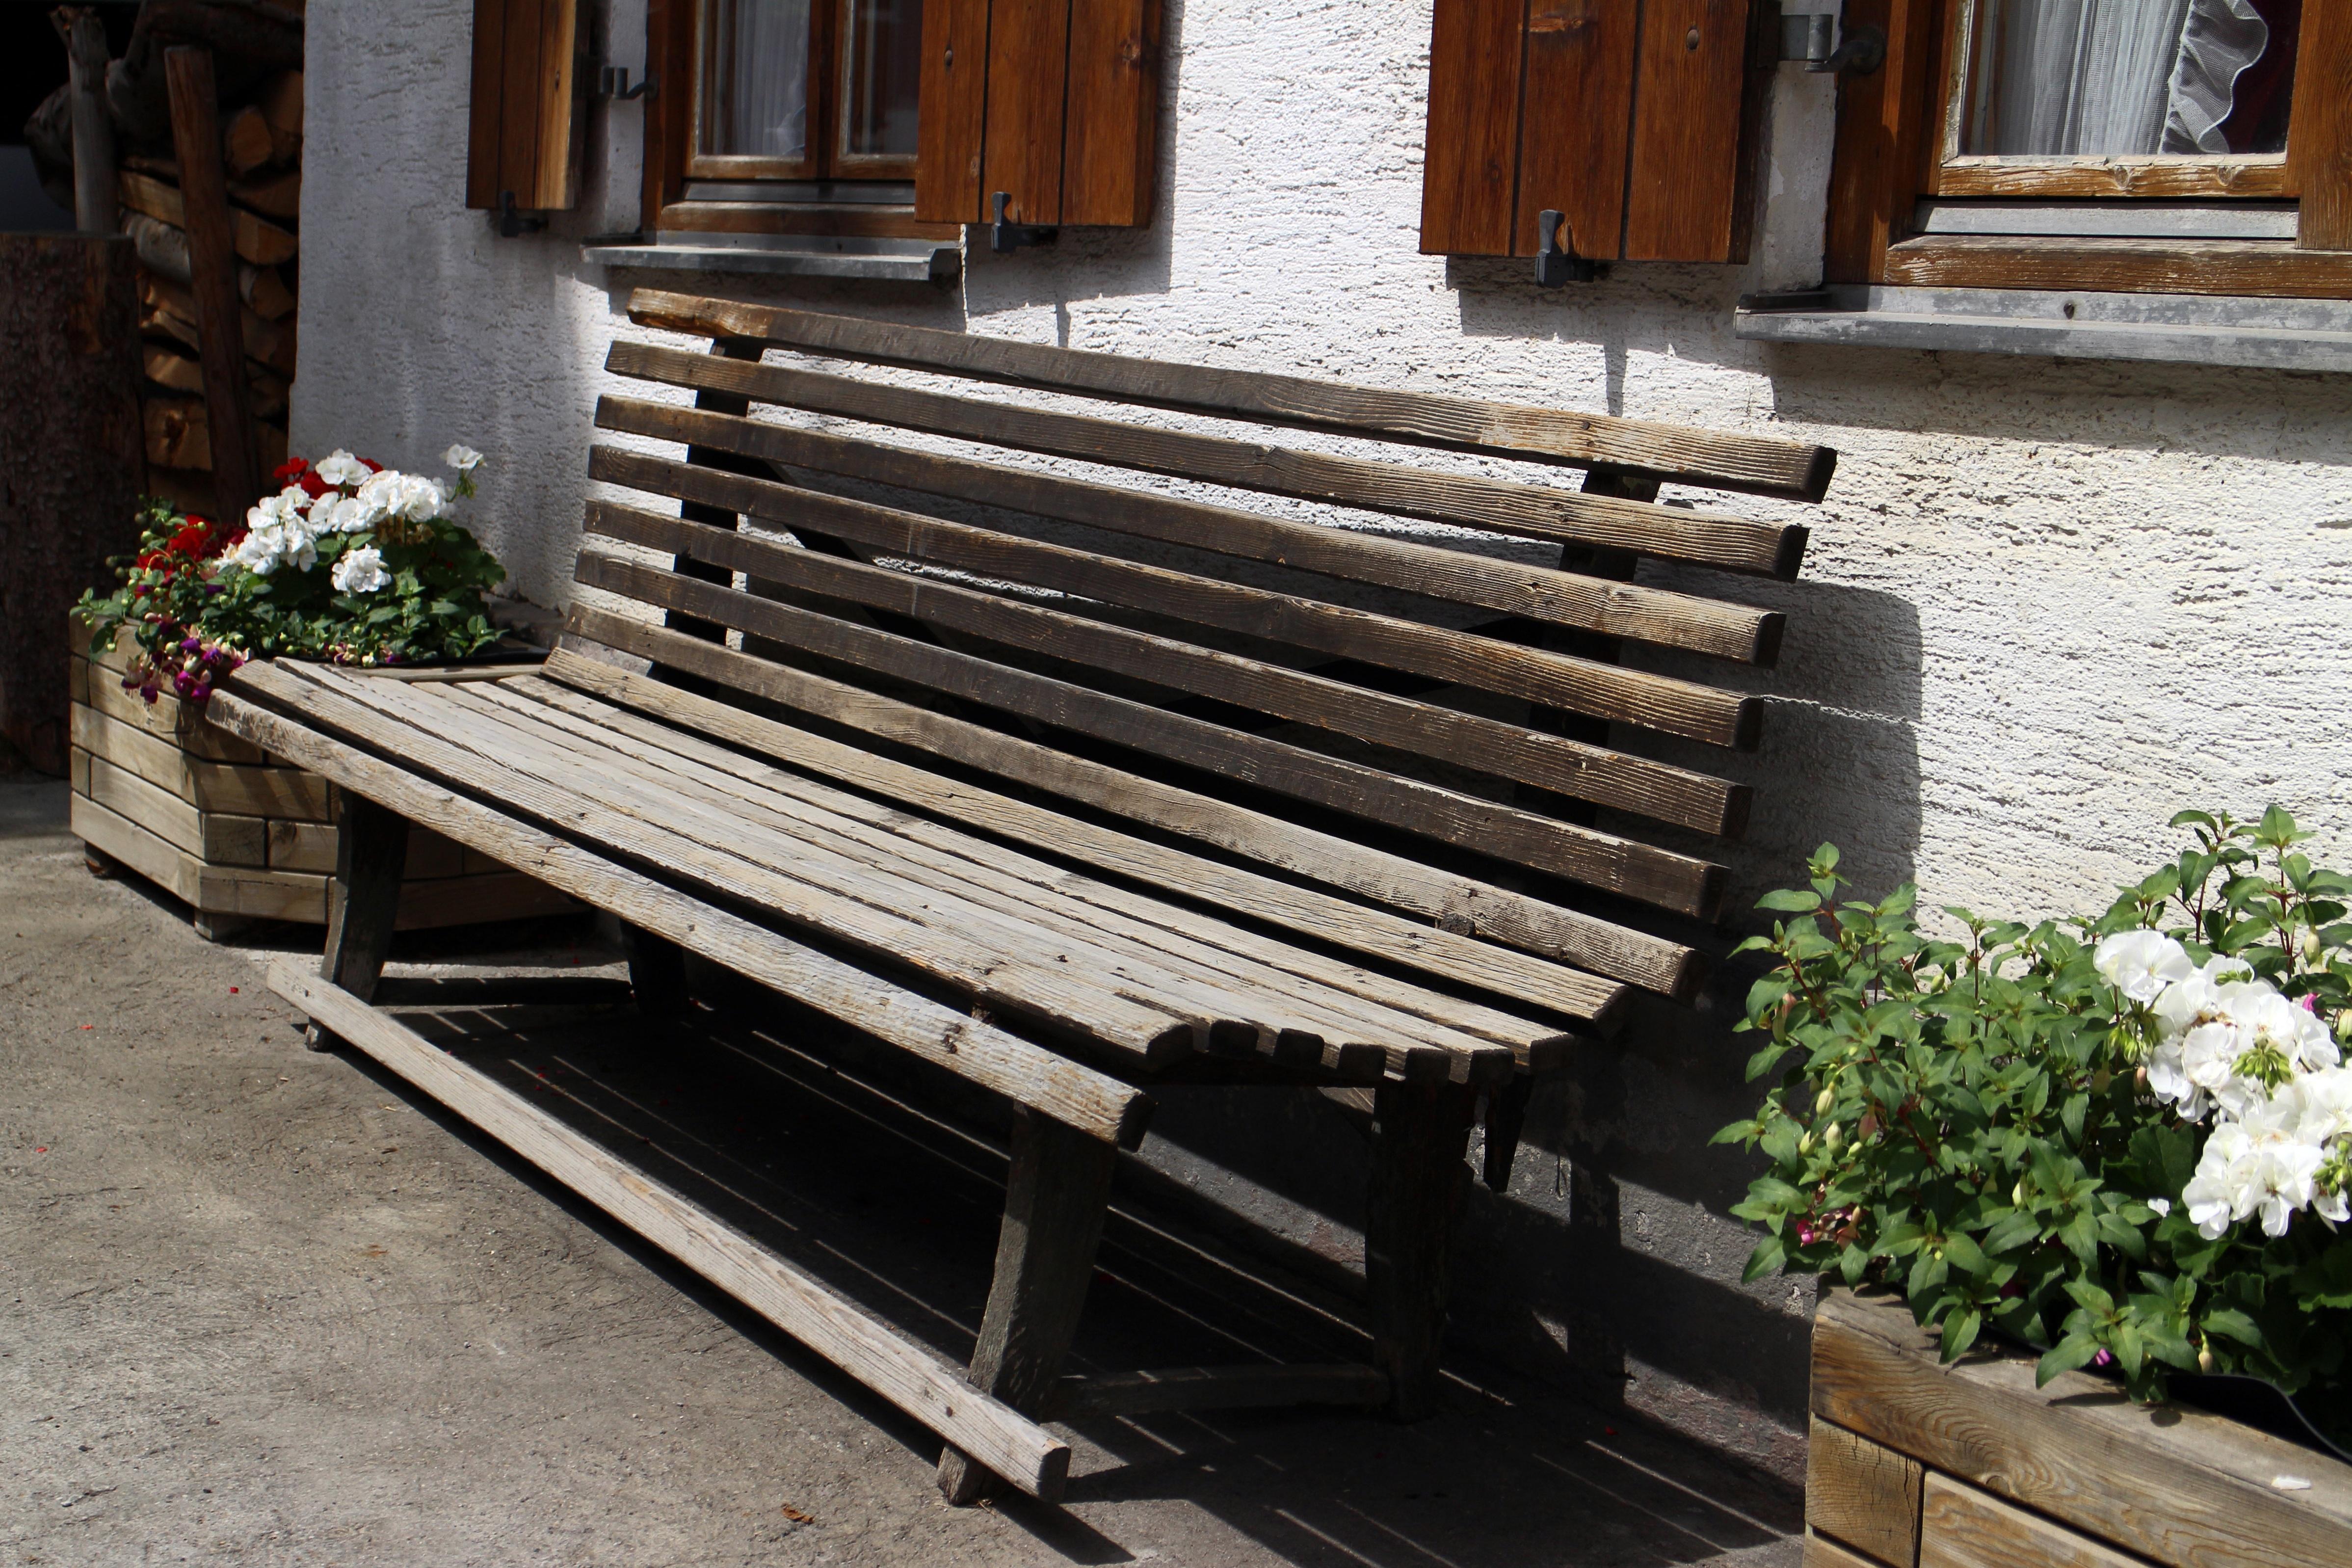 무료 이미지 : 표, 목재, 현관, 가구, 정원, 앉다, 나무 벤치, 은행 ...